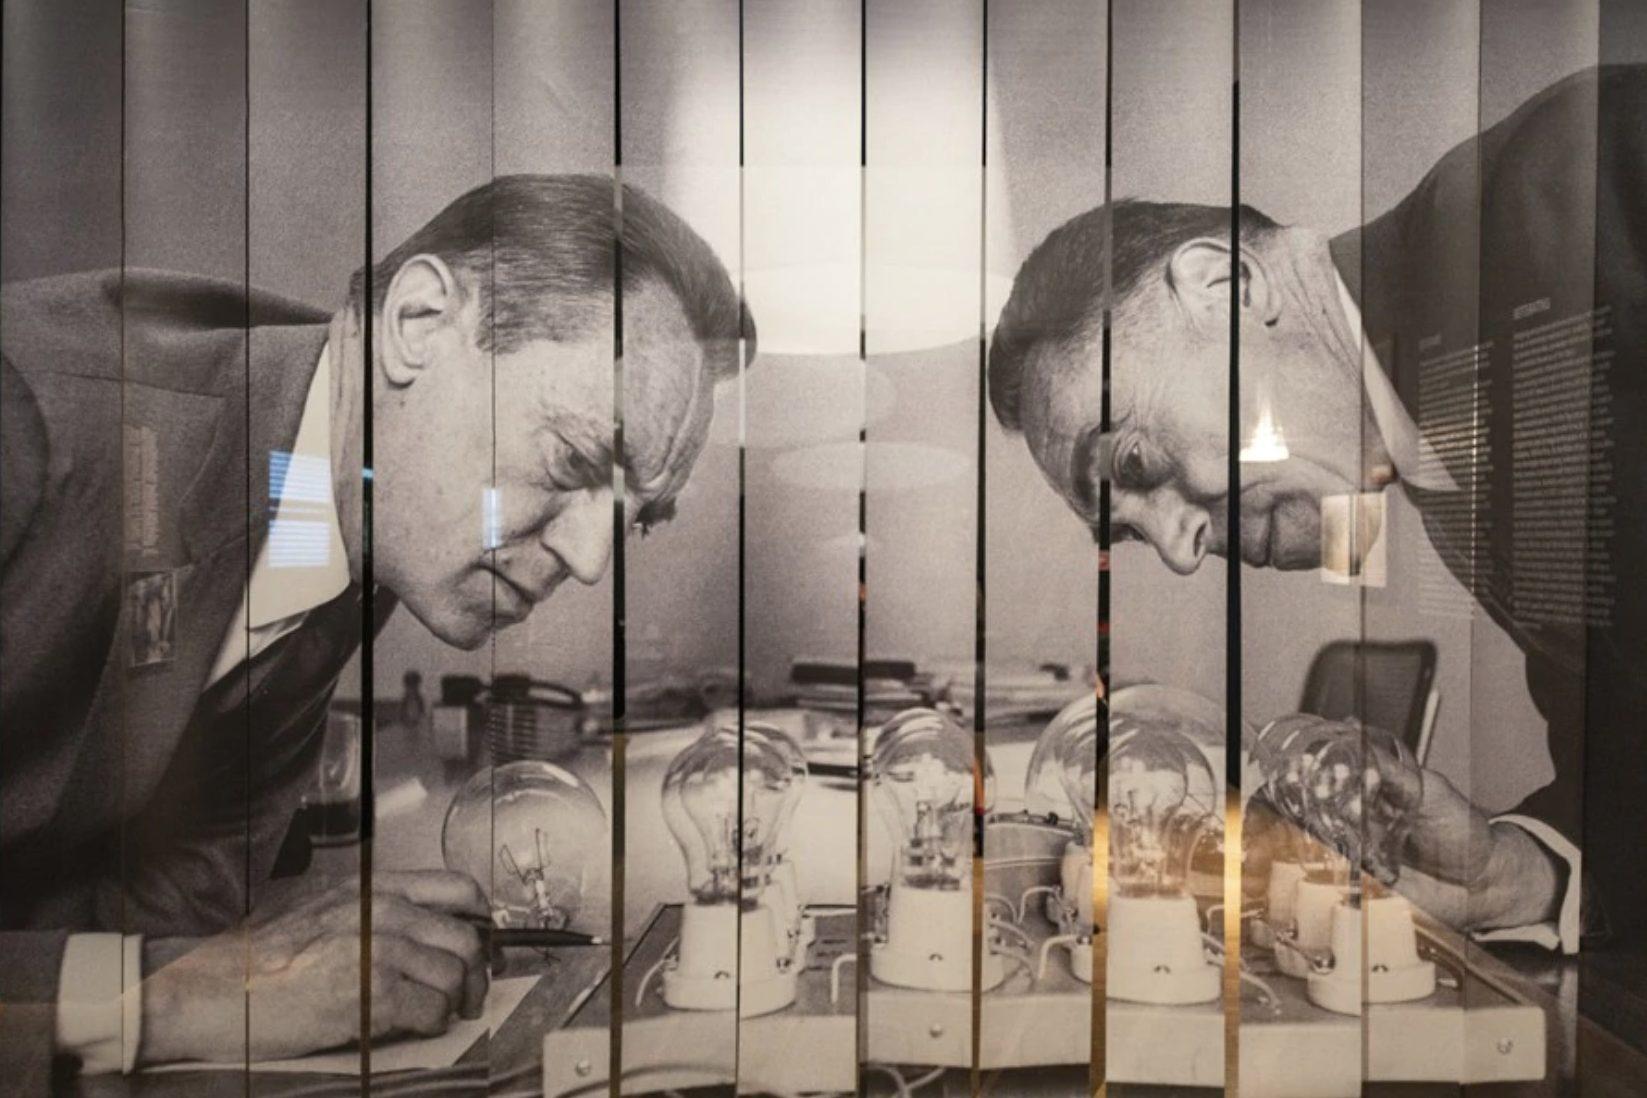 Photography of Italian designers Pier Giacomo Castiglioni (left) and Achille Castiglioni (right) at the Triennale di Milano